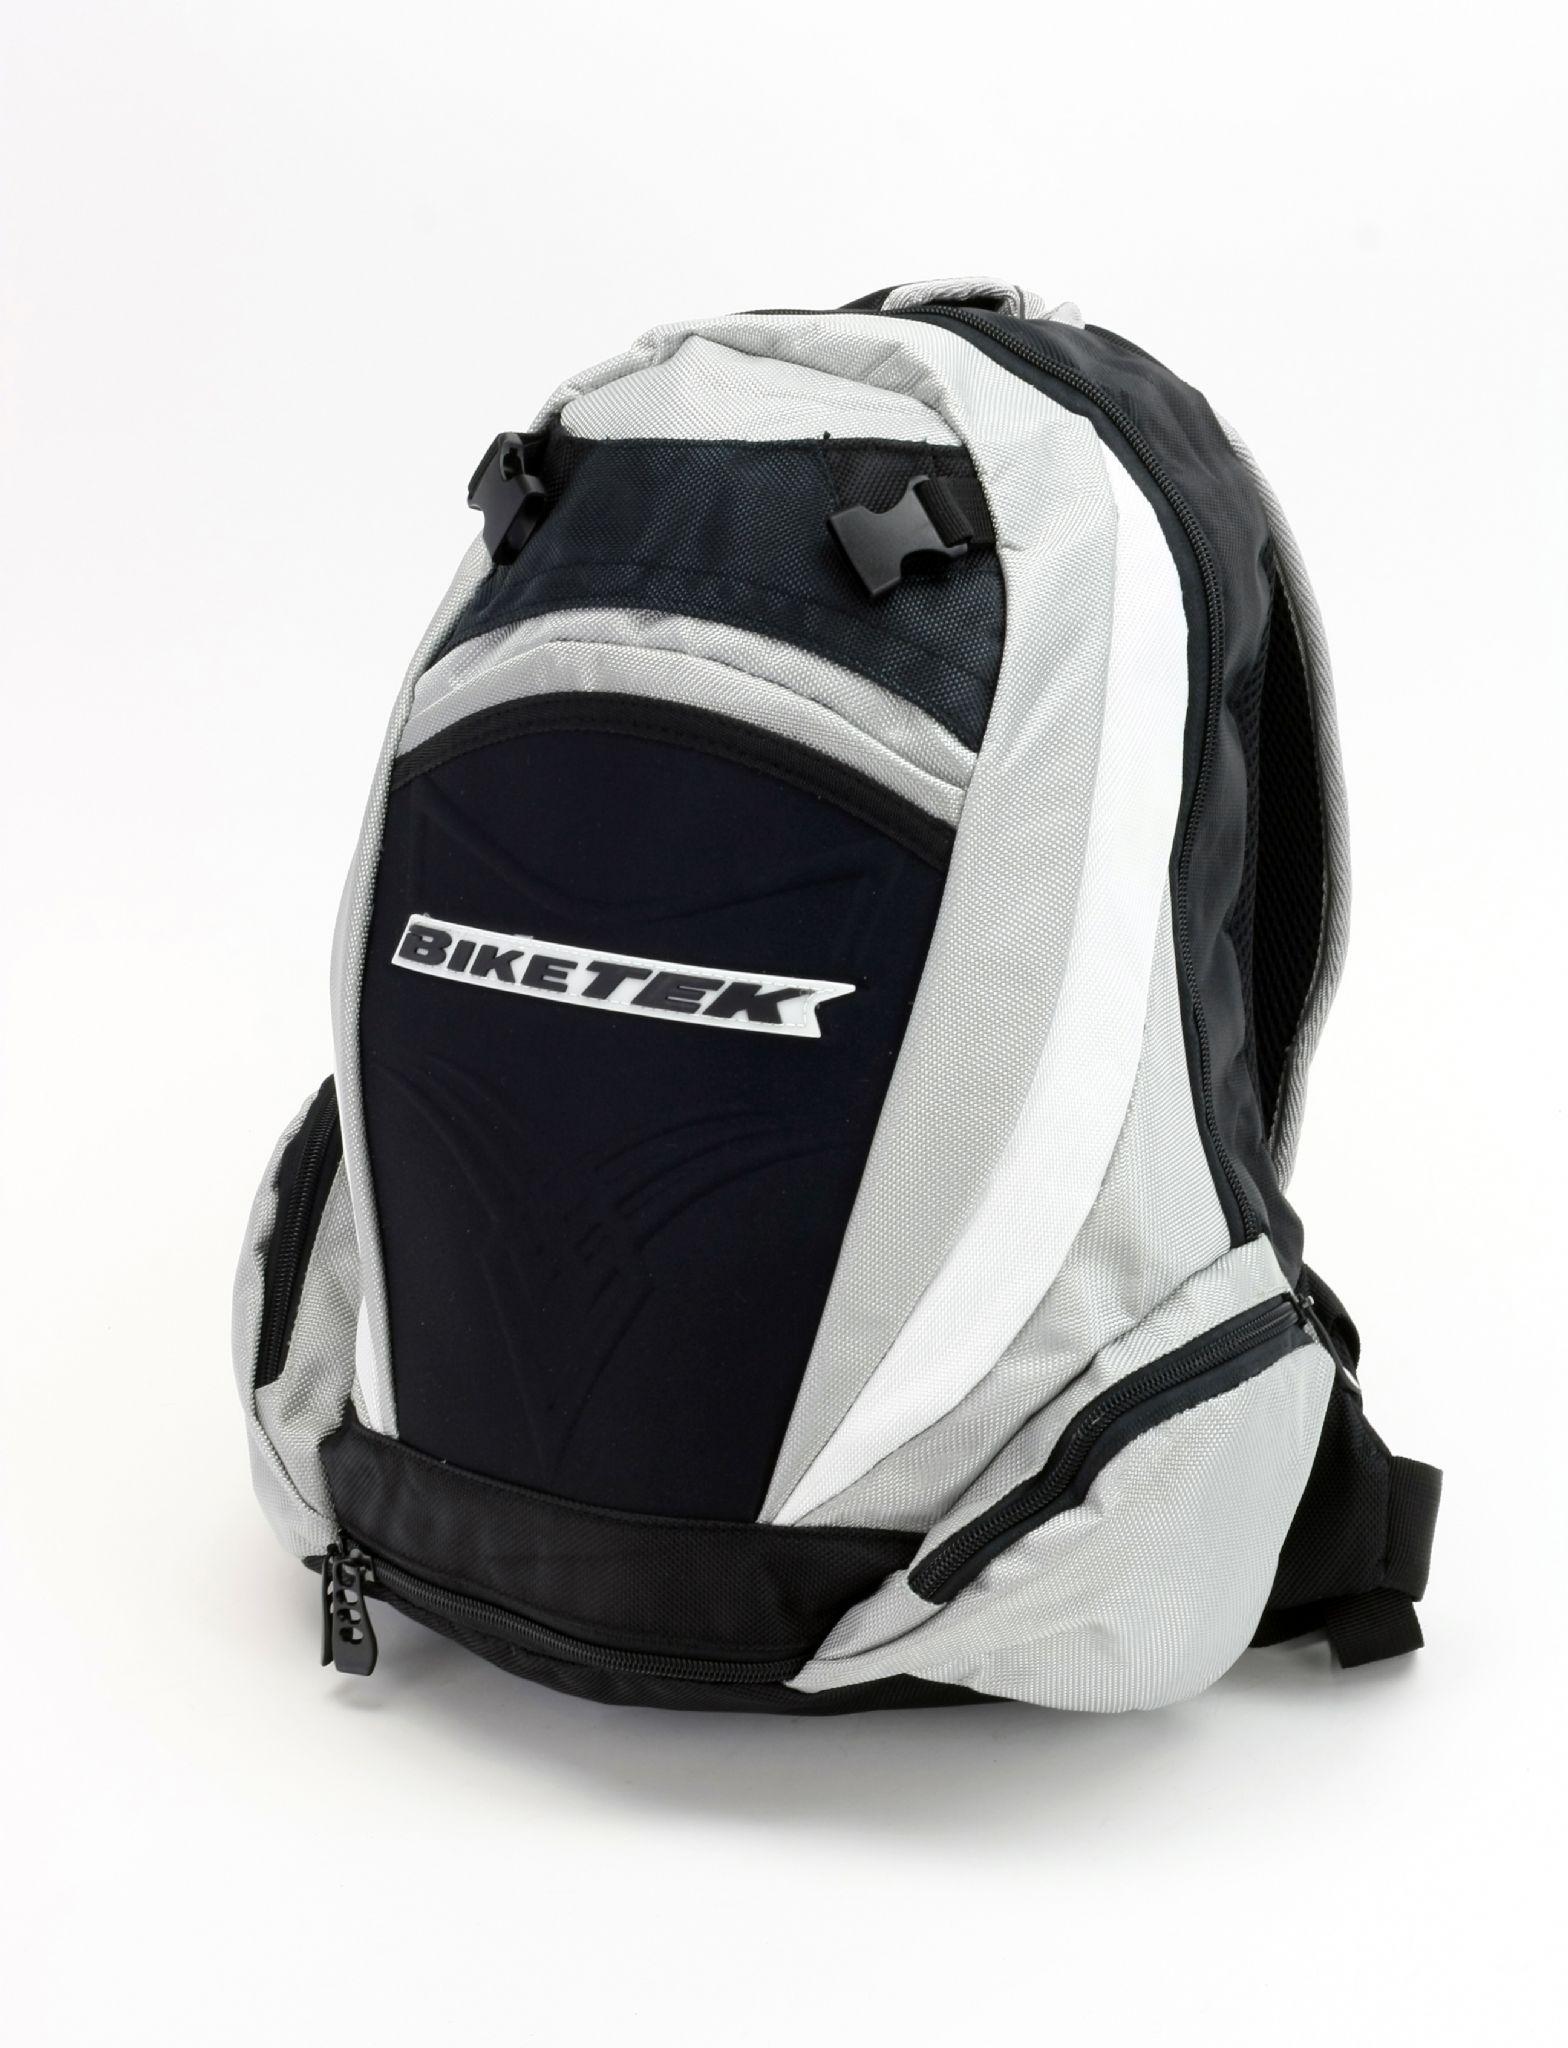 Motorcycle Backpack Helmet Carrier  292c8a7227d46